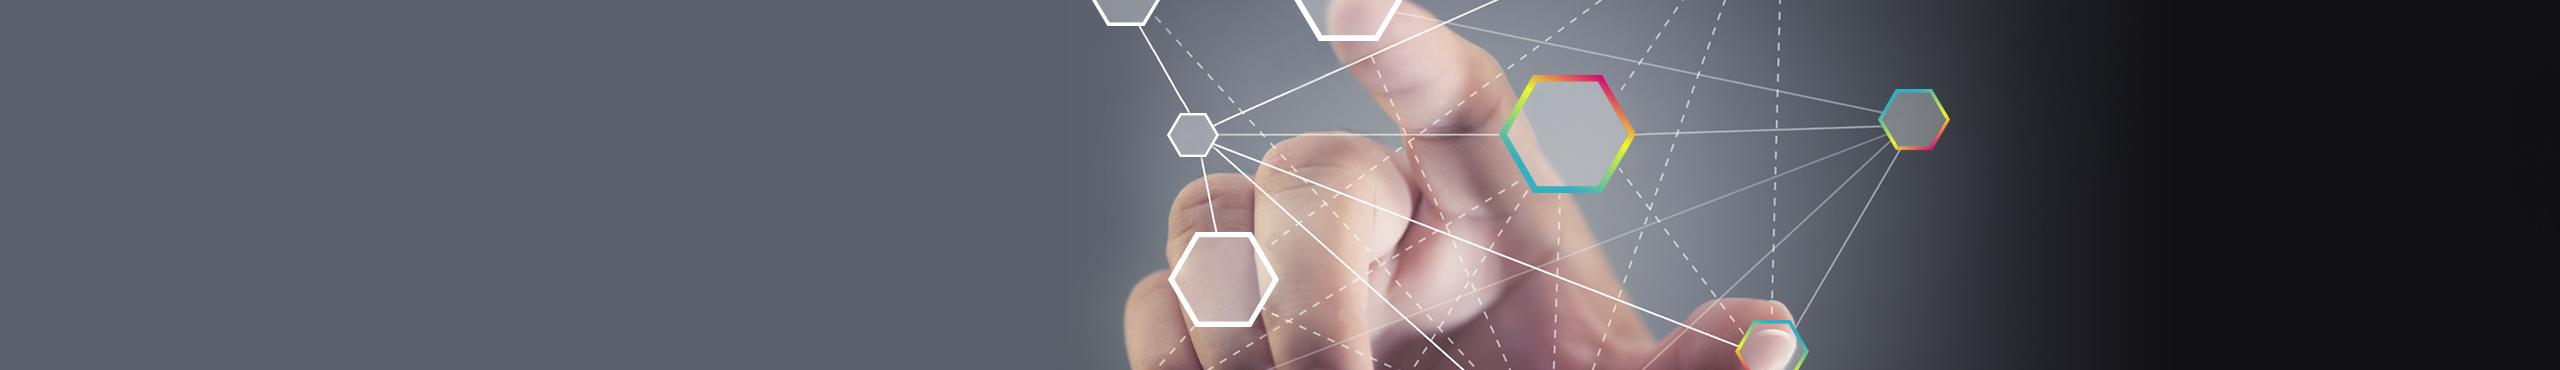 JANZZ.technology_Headerpic_Start